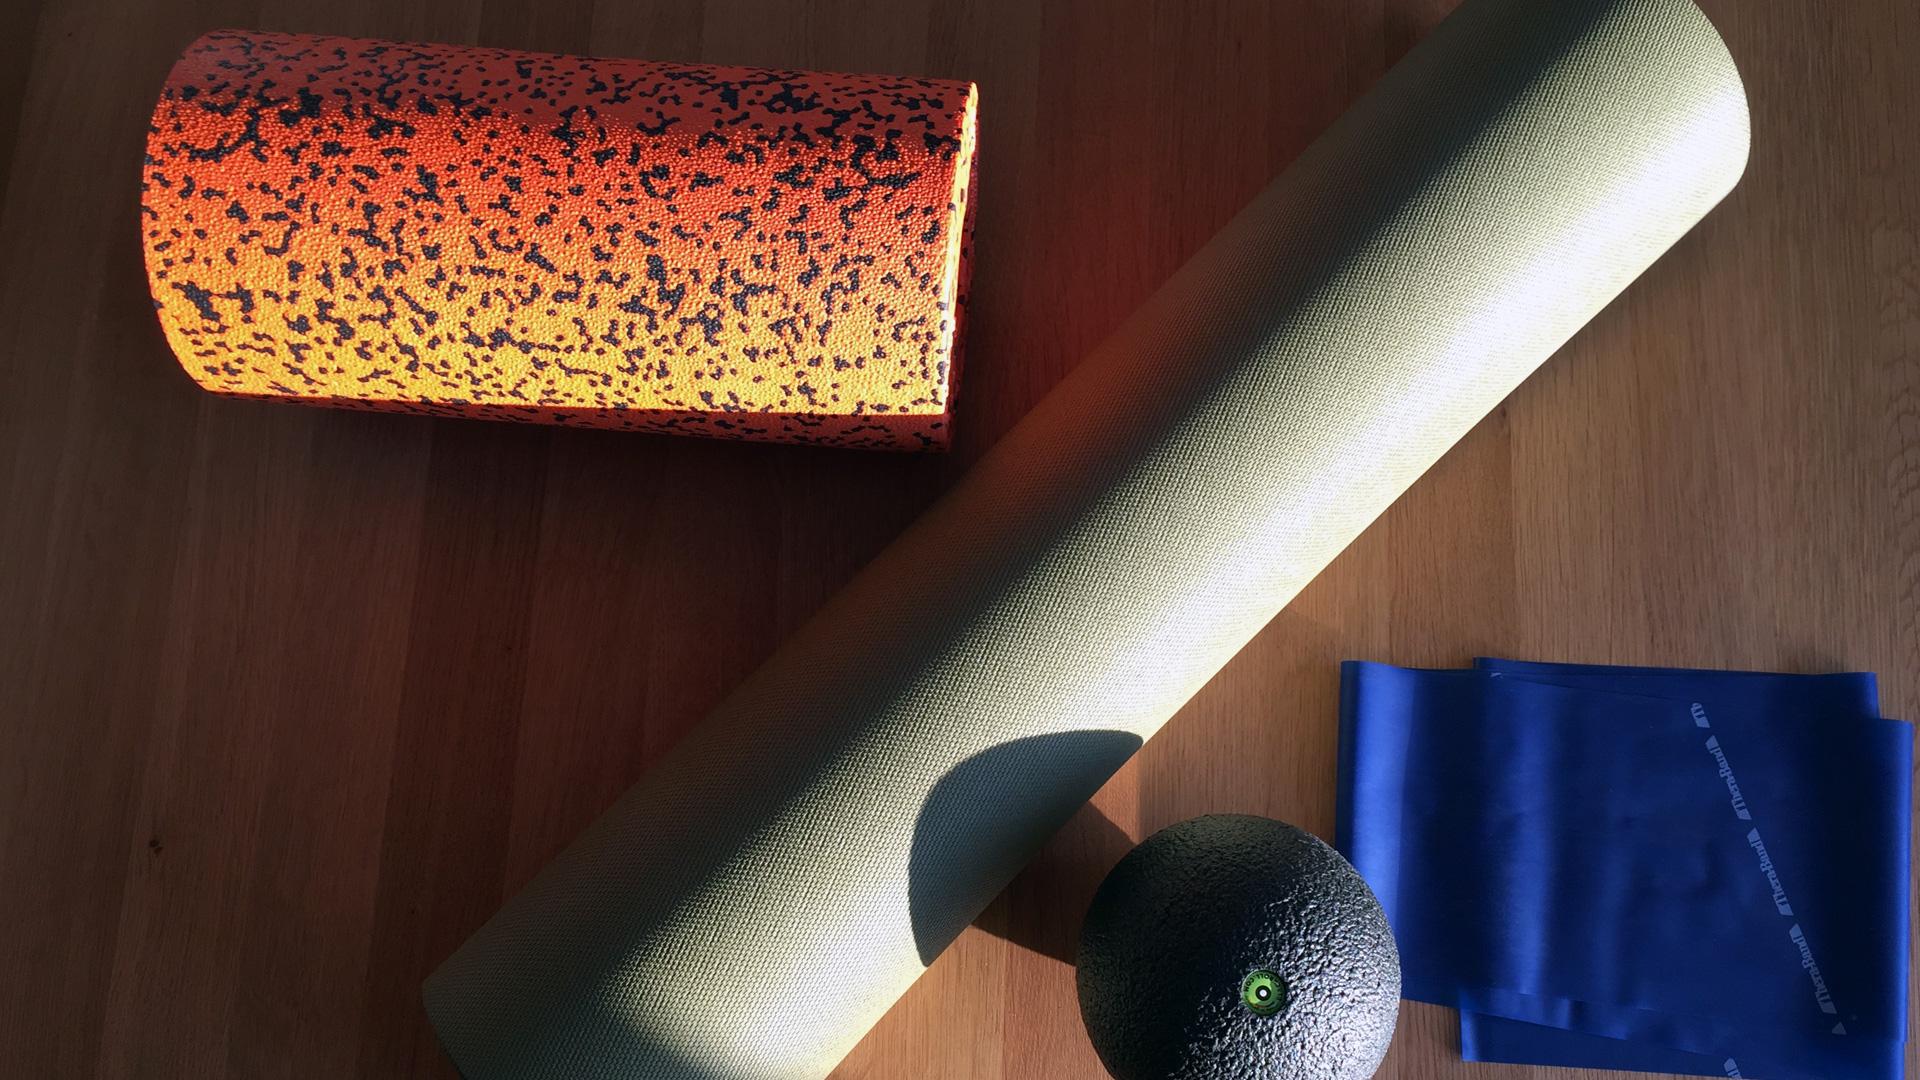 blackroll-thera-yoga-1920x1080